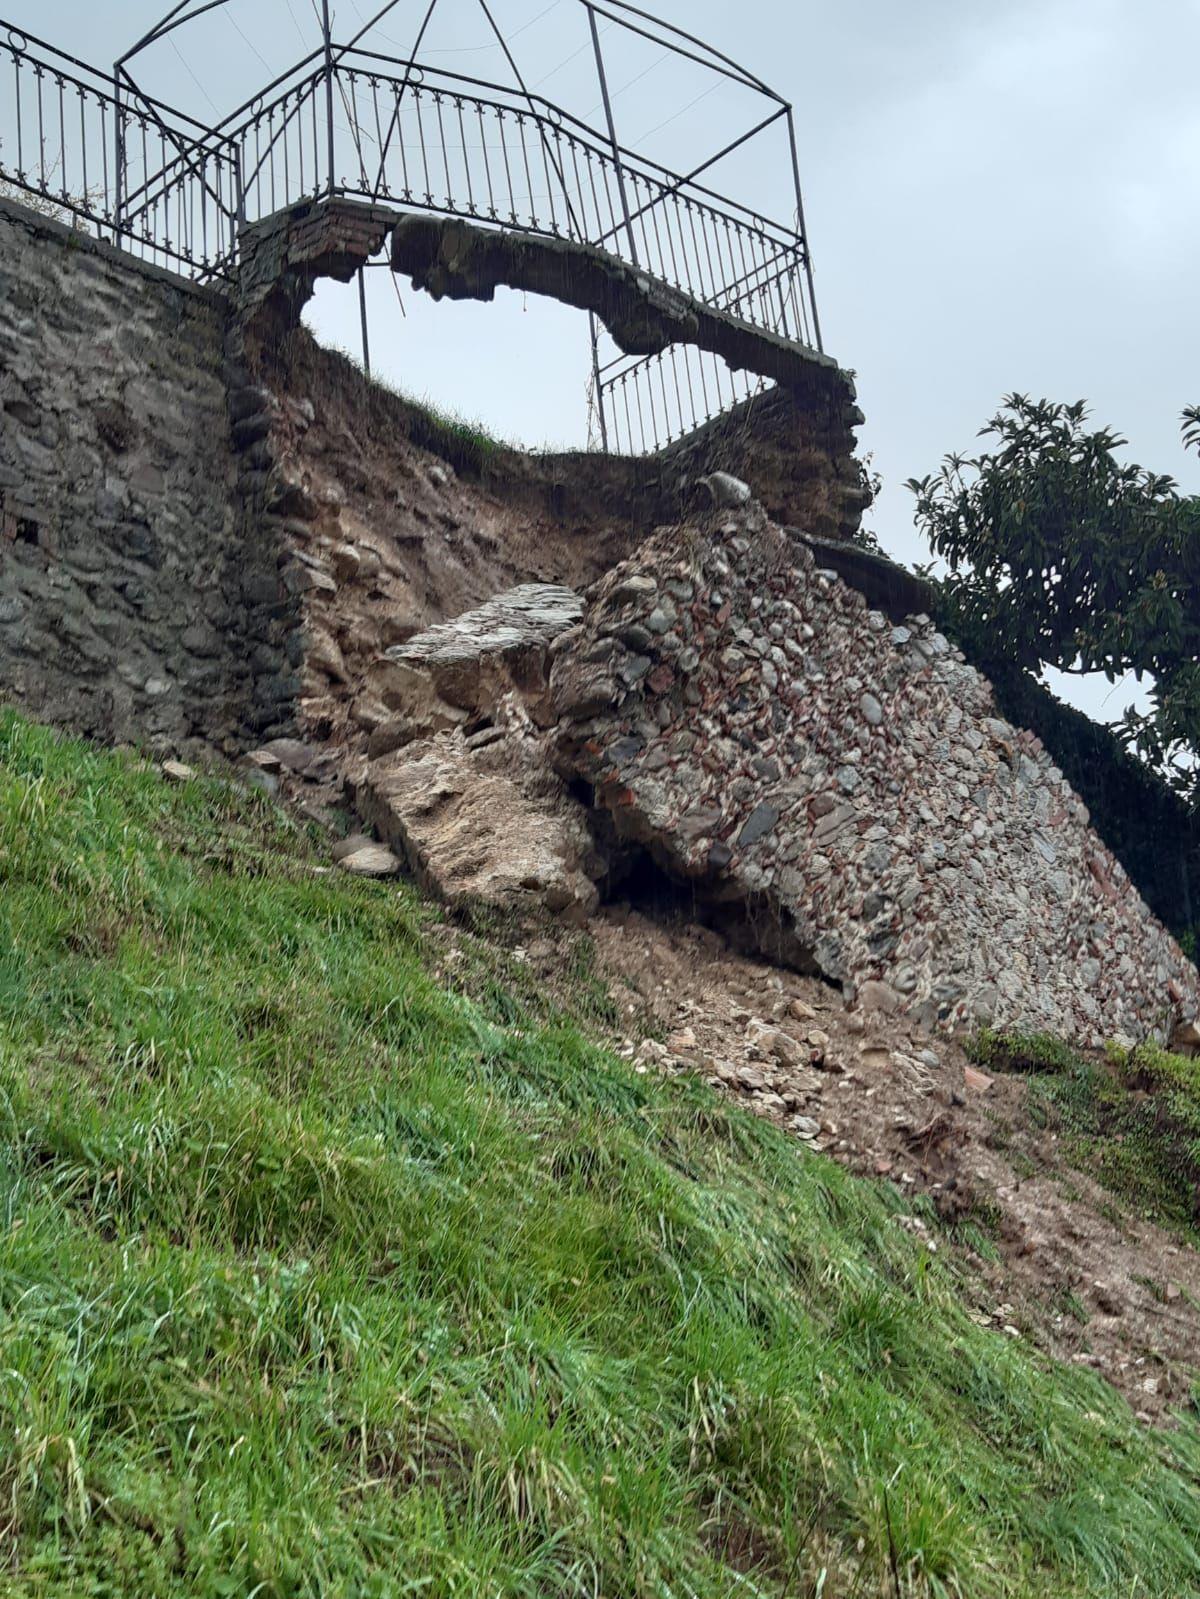 MALTEMPO - Paura a Castellamonte per un muro crollato vicino alle case. A Settimo Vittone precipitano massi